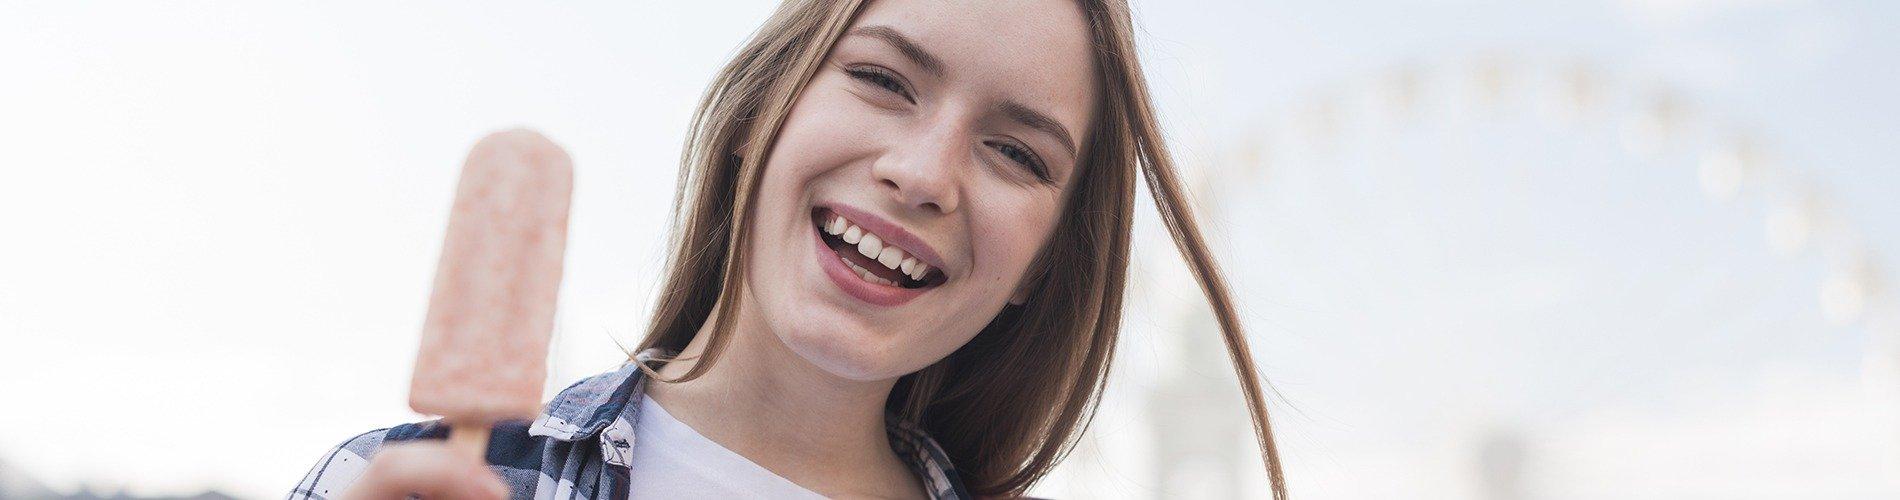 Cómo mejorar la hipersensibilidad dental